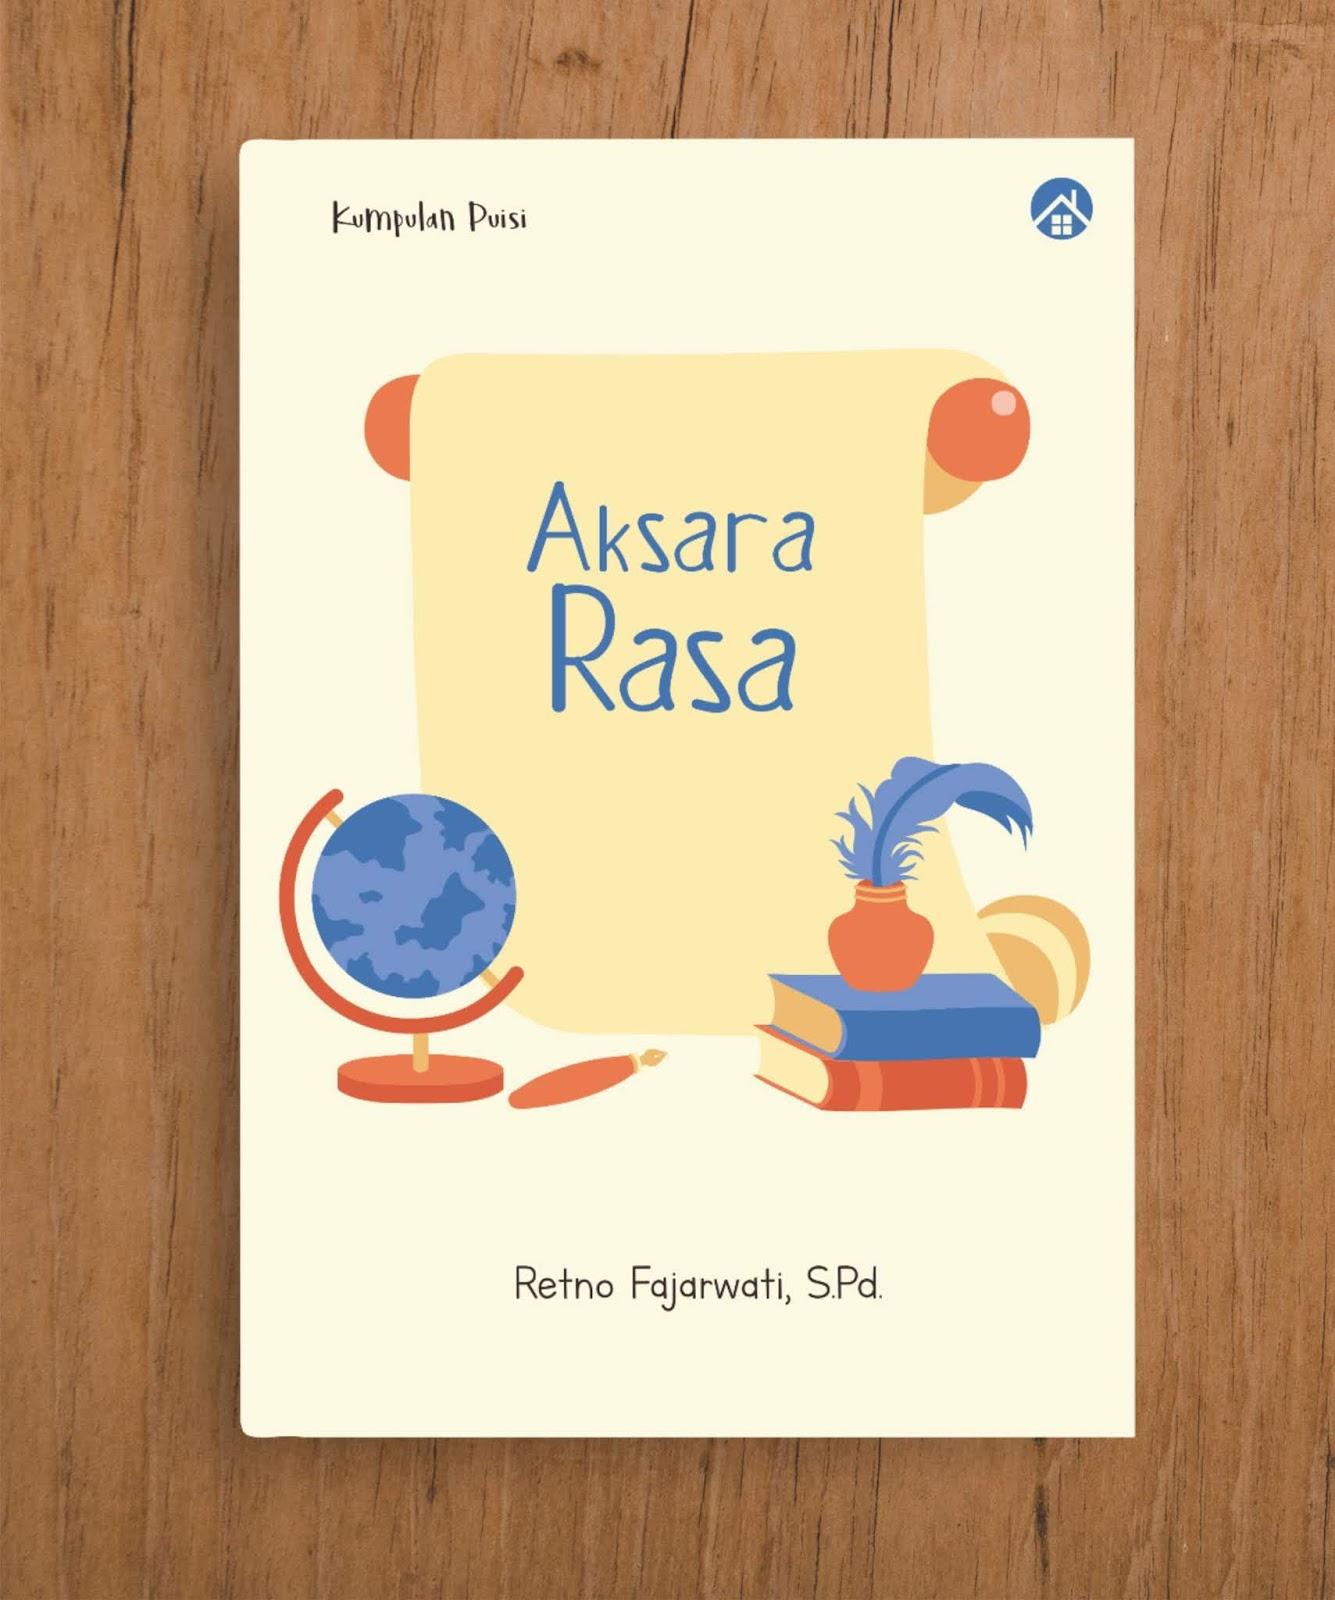 Aksara Rasa